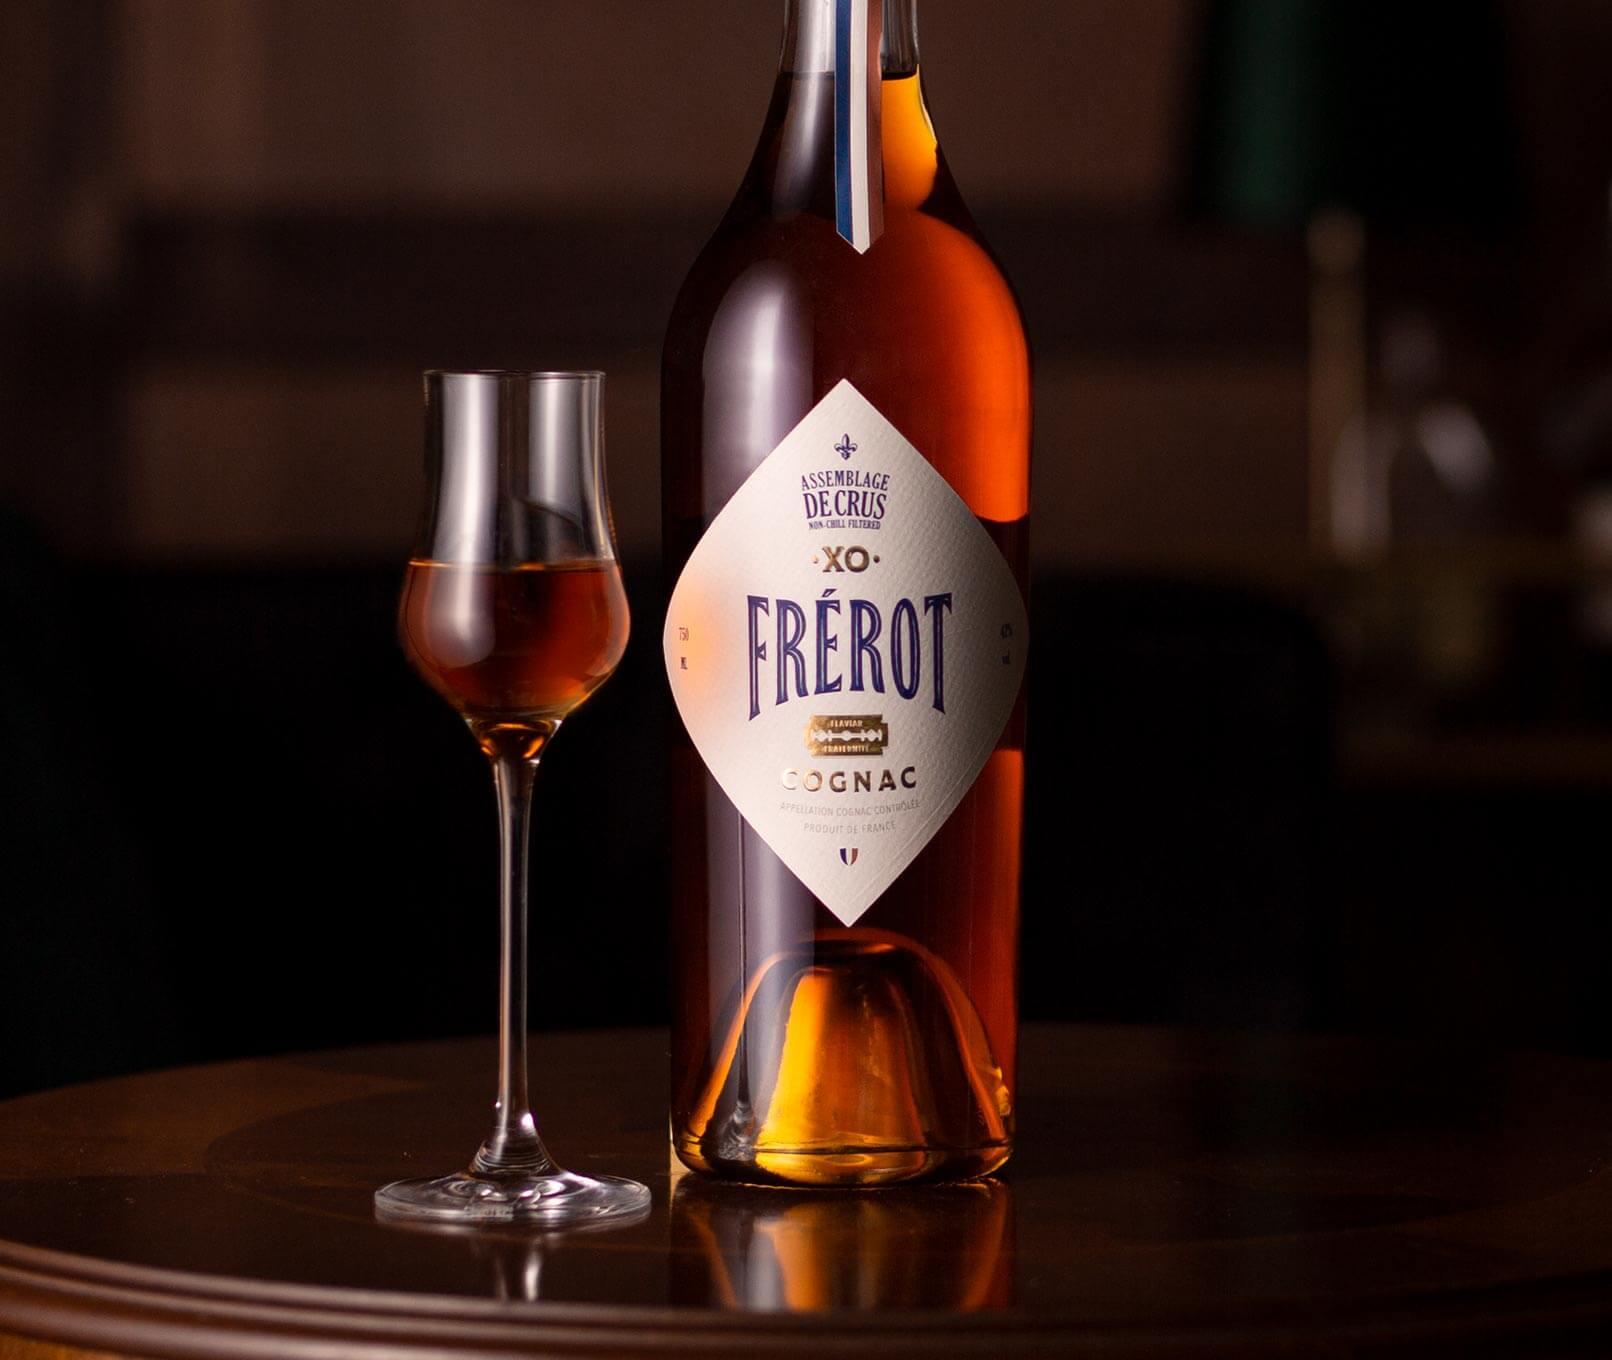 Frerot